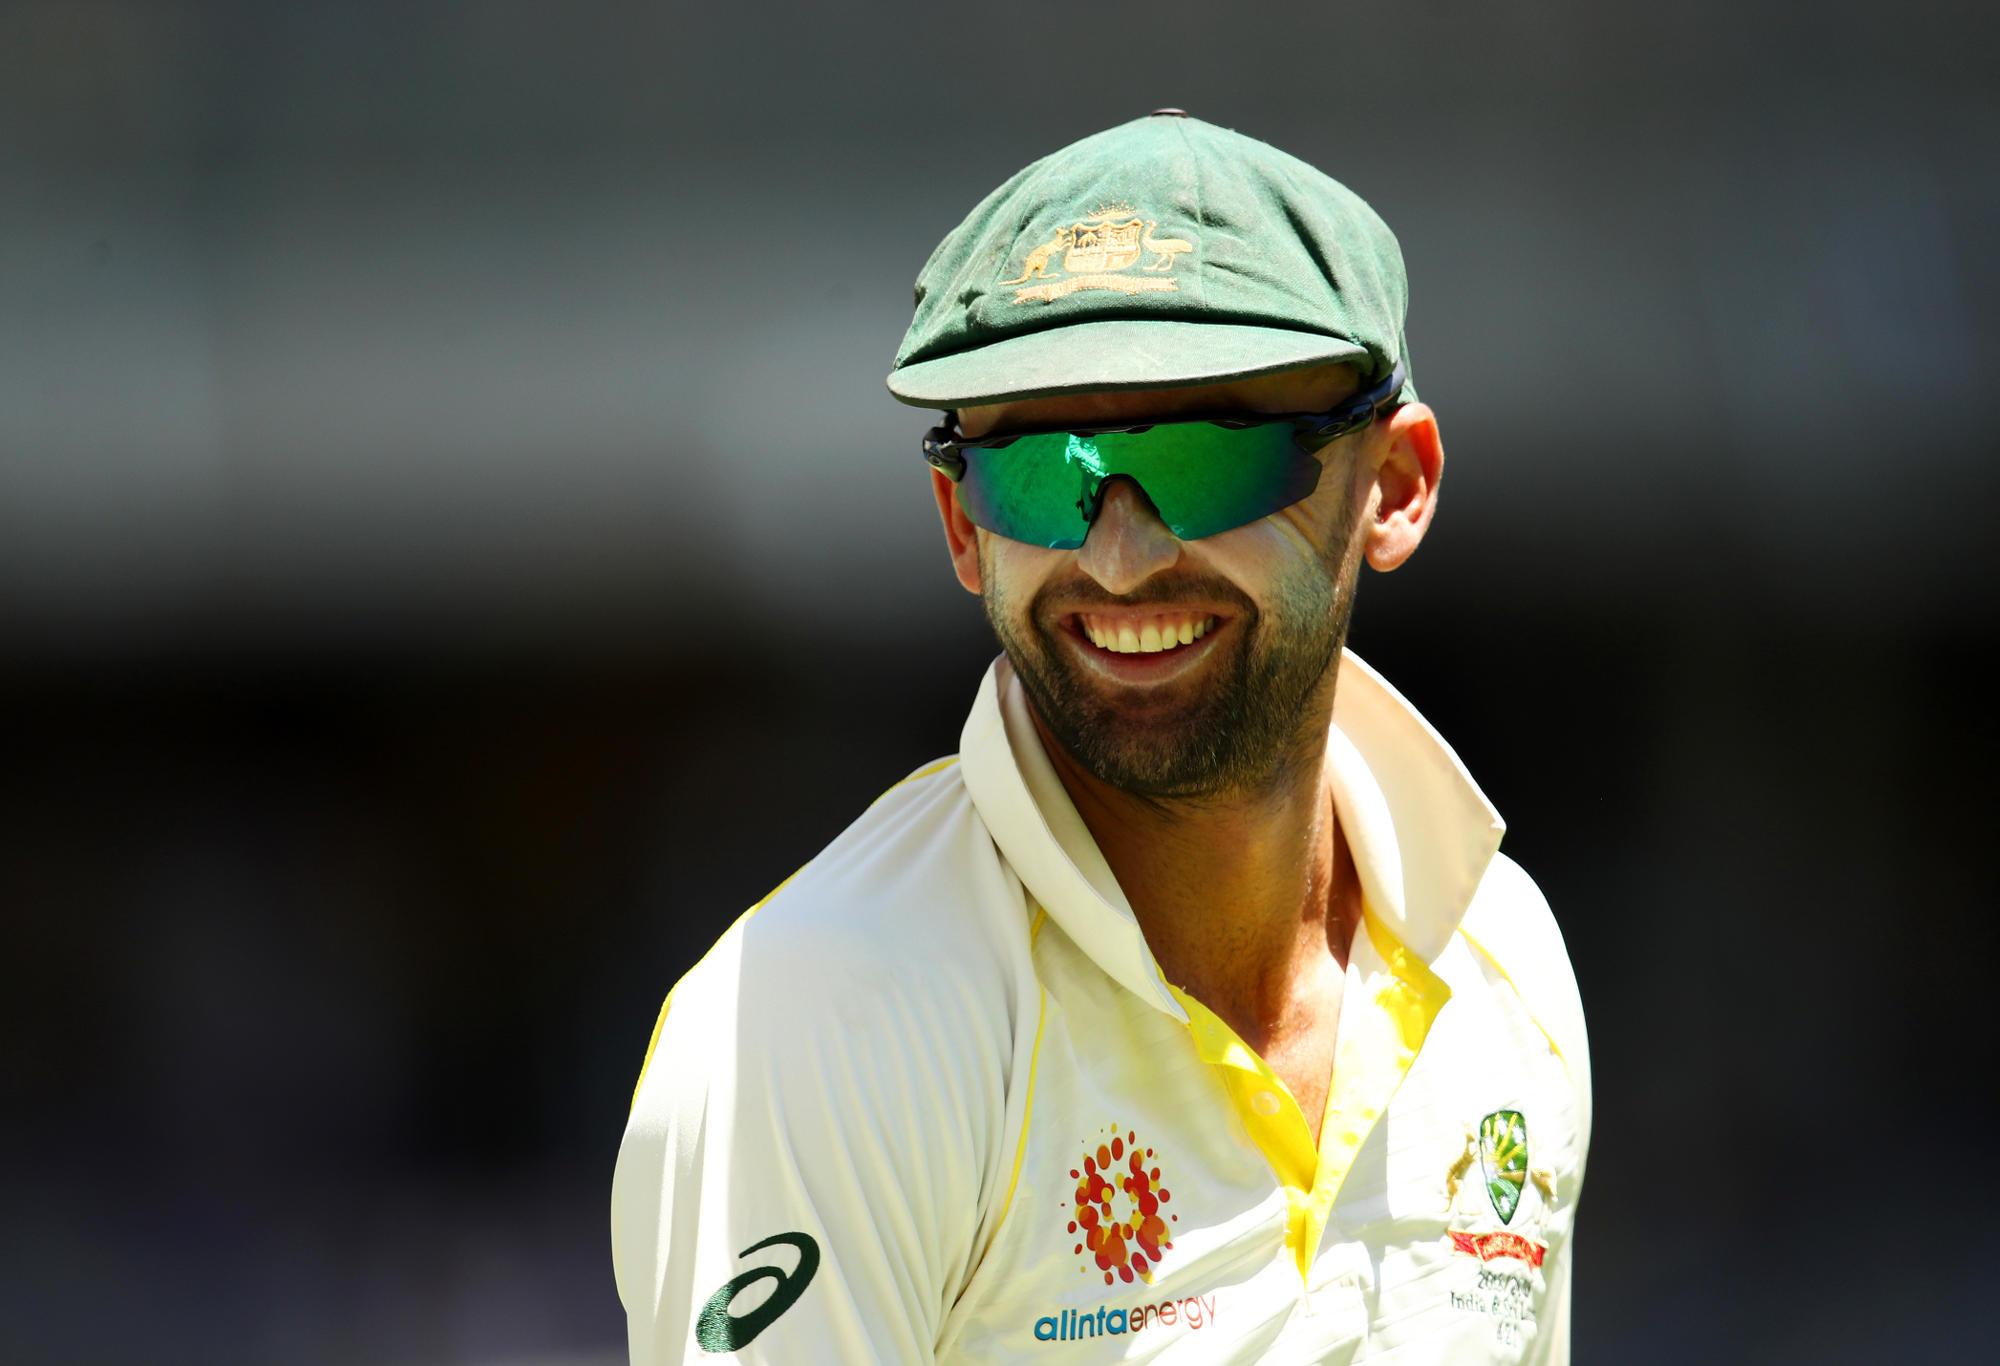 Nathan Lyon of Australia smiles